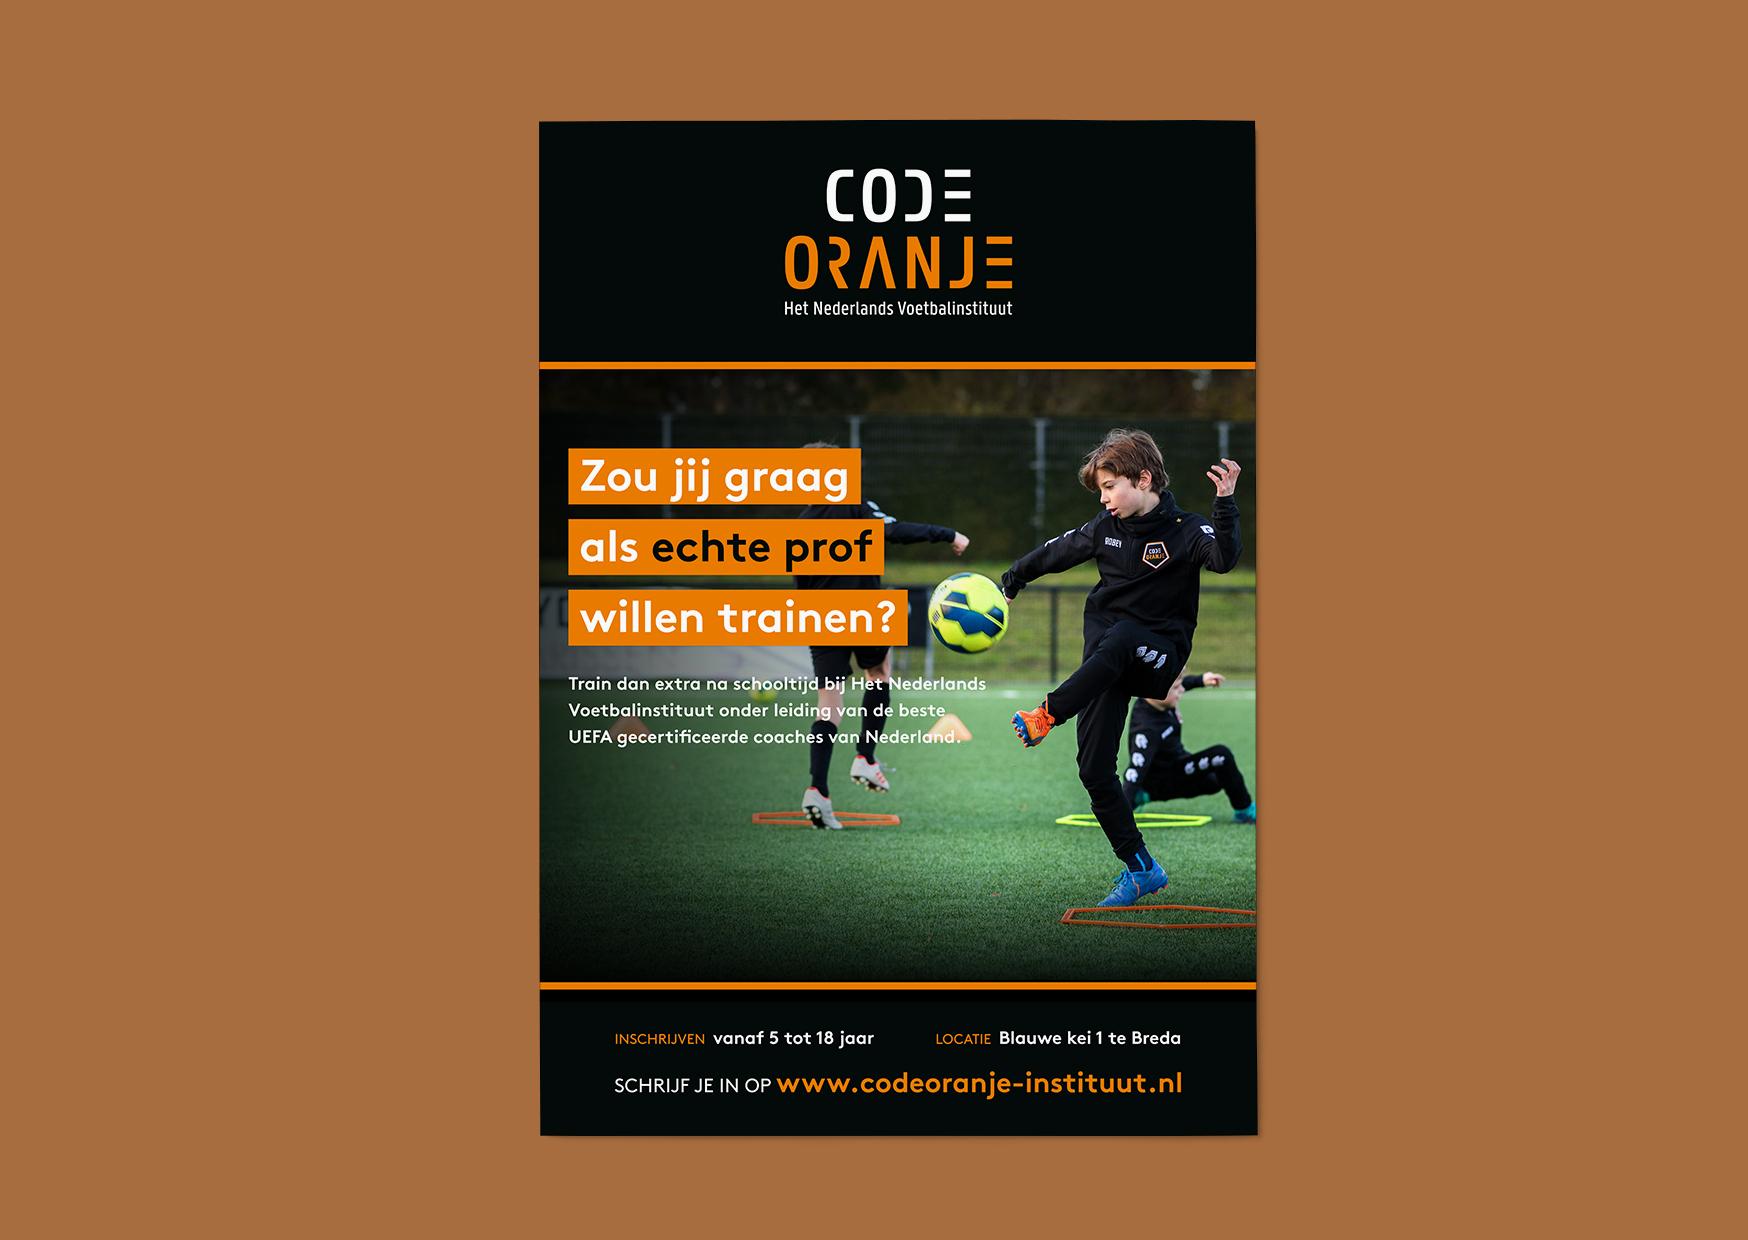 code oranje, code, embleem, oranje, voetbal, logo, identiteit, huisstijl, ontwerp, grafisch, grafisch ontwerp, graphic design, identity, football, nederland